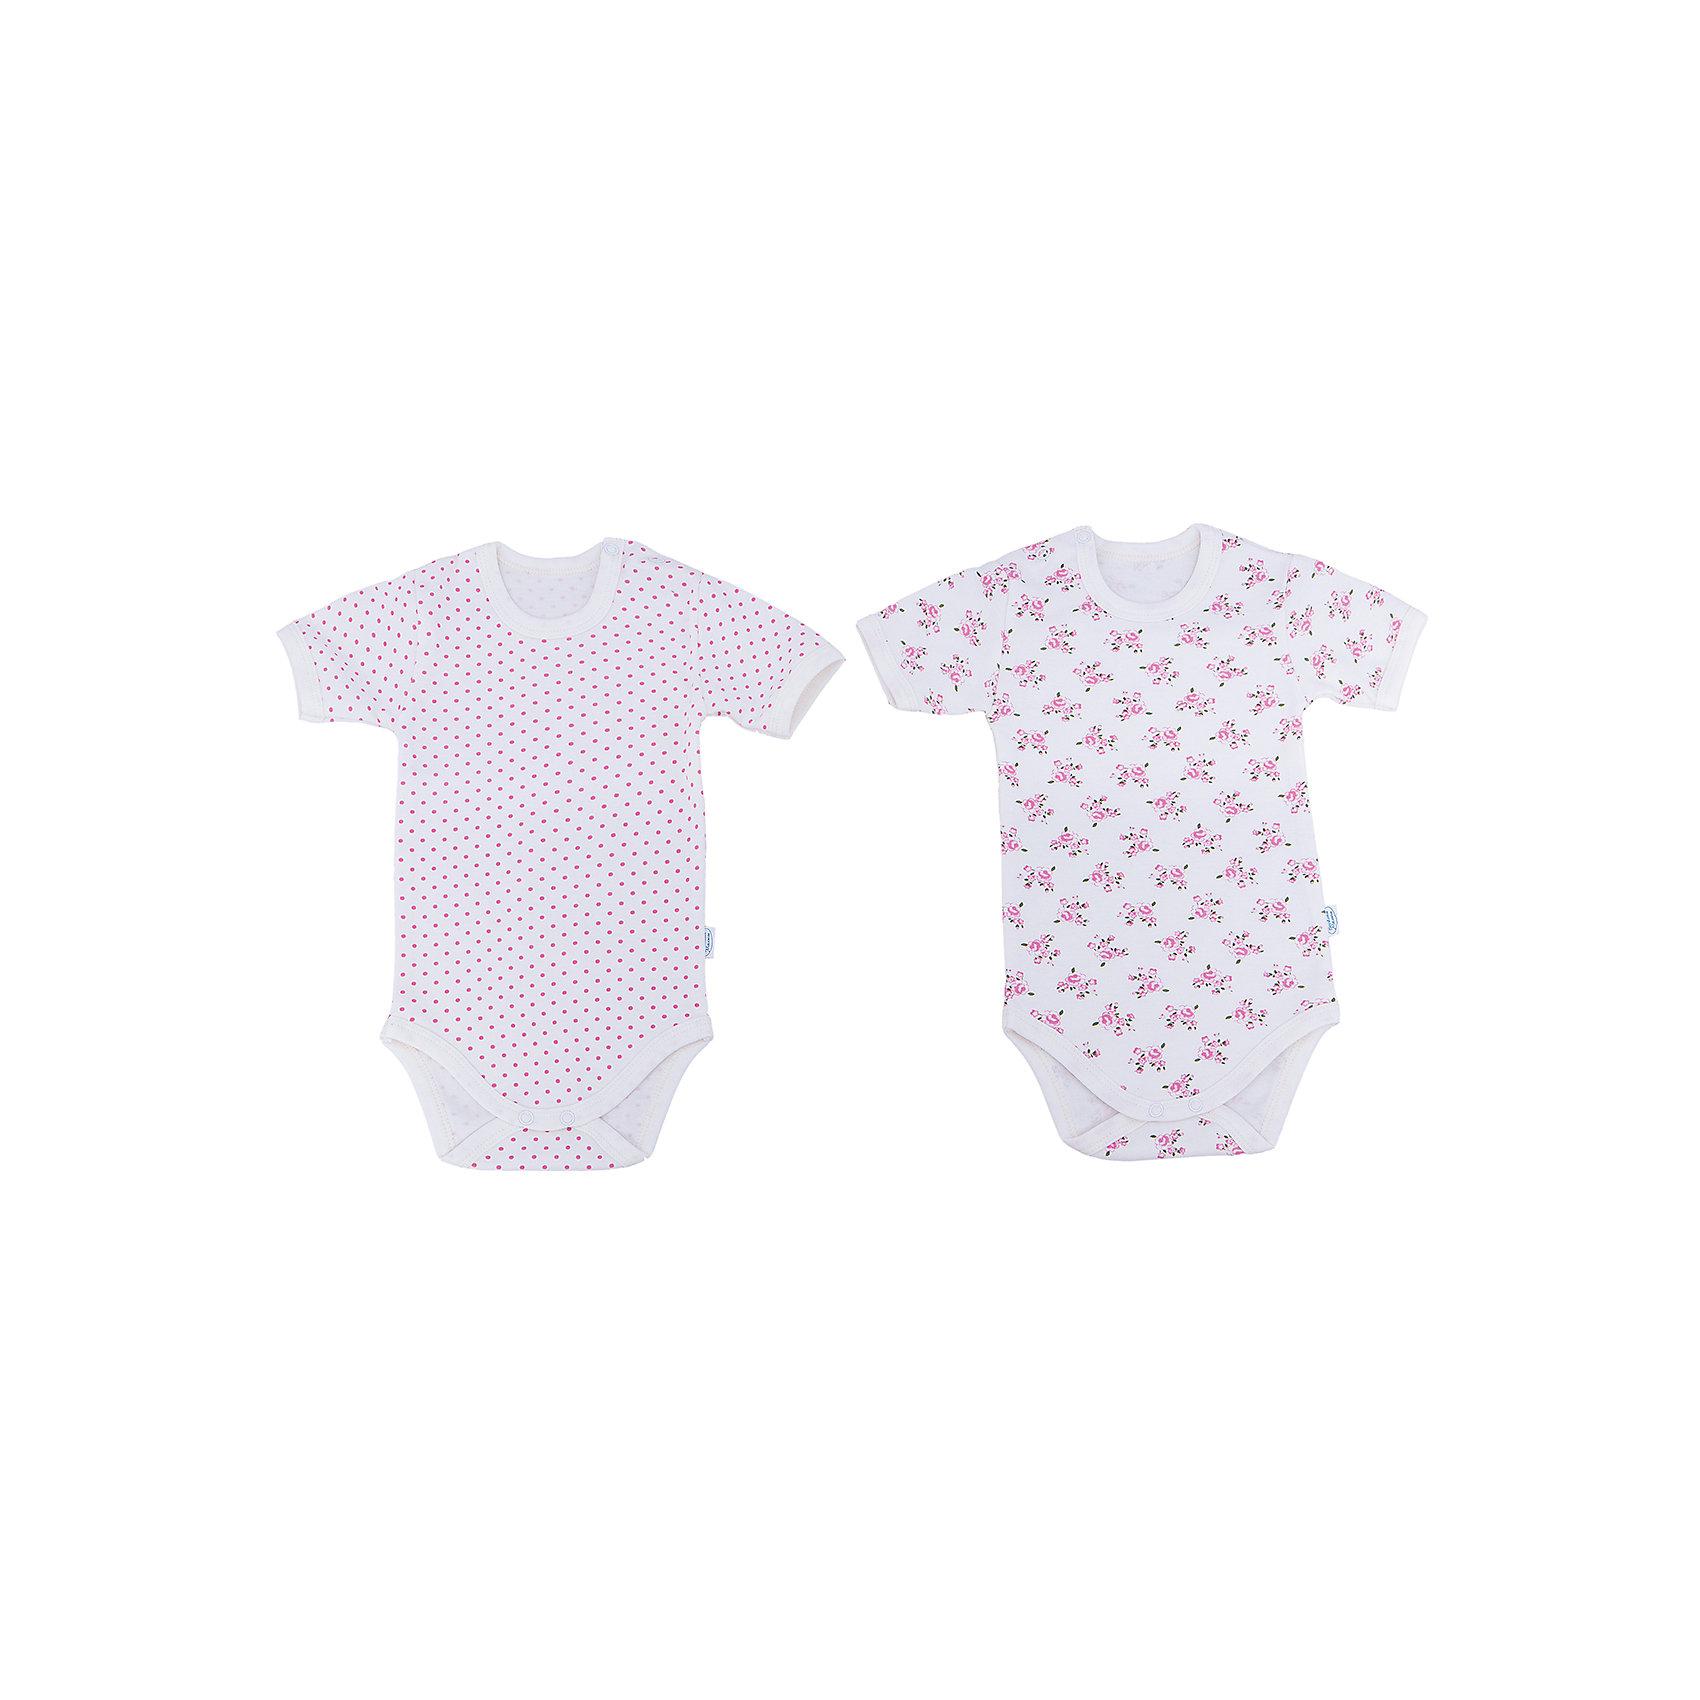 Боди для девочки, 2 шт. Веселый малышБоди<br>Одежда для малышей должна быть удобной и качественной - это один из необходимых факторов для правильного развития и хорошего самочувствия ребенка.<br>Эти боди отличаются высоким качеством швов, окантовкой краёв изделия, что позволяет им хорошо фиксироваться на теле малыша, не сползать и не натирать. Застежки - удобные кнопки, которые не мешают ребенку. Материал - интерлок. Это плотная ткань из натурального хлопка, гладкая, приятная на ощупь, дышащая и гипоаллергенная. Расцветка изделий позволяет легко комбинировать их с различной одеждой. В наборе - два боди разных цветов.<br><br>Дополнительная информация:<br><br>материал: 100% хлопок интерлок;<br>застежки: кнопки;<br>короткий рукав;<br>комплектация: 2 боди.<br><br>Комплект боди от бренда Веселый малыш можно купить в нашем магазине.<br><br>Ширина мм: 157<br>Глубина мм: 13<br>Высота мм: 119<br>Вес г: 200<br>Цвет: бежевый<br>Возраст от месяцев: 6<br>Возраст до месяцев: 9<br>Пол: Женский<br>Возраст: Детский<br>Размер: 74,62,68,80<br>SKU: 4810188